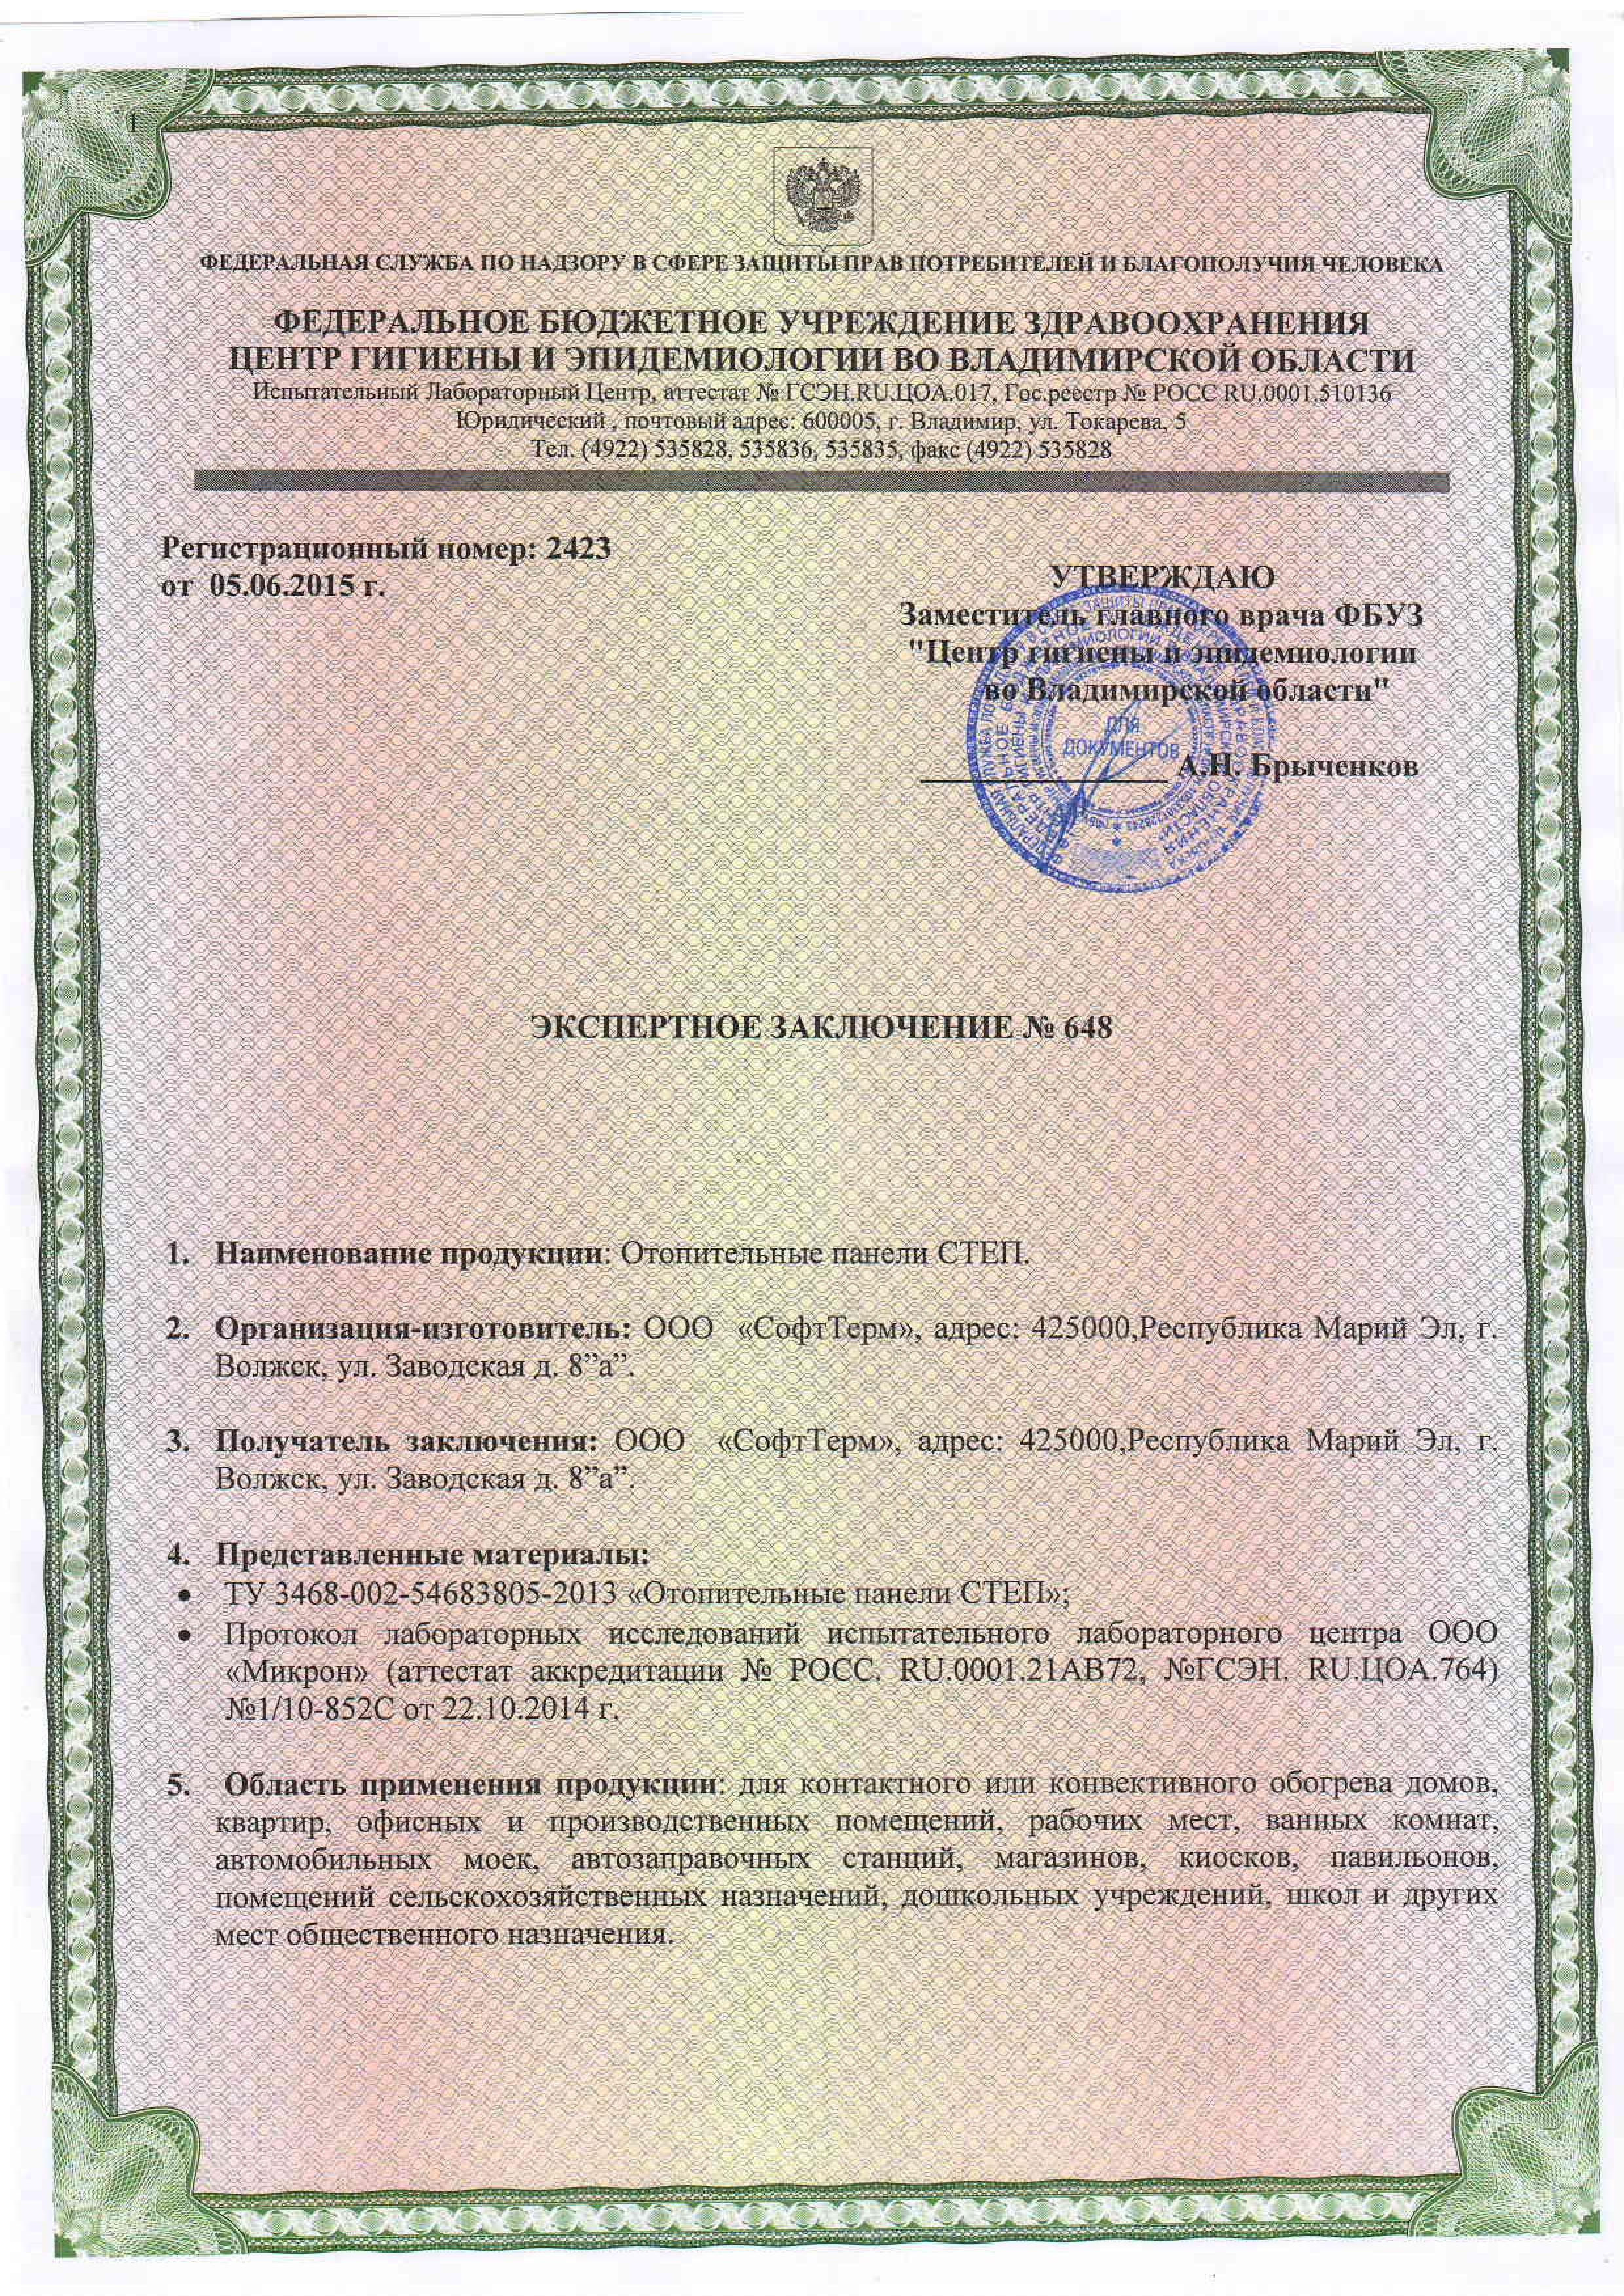 Сертификат качества панелей СТЕП-250/1,20 х 0,40